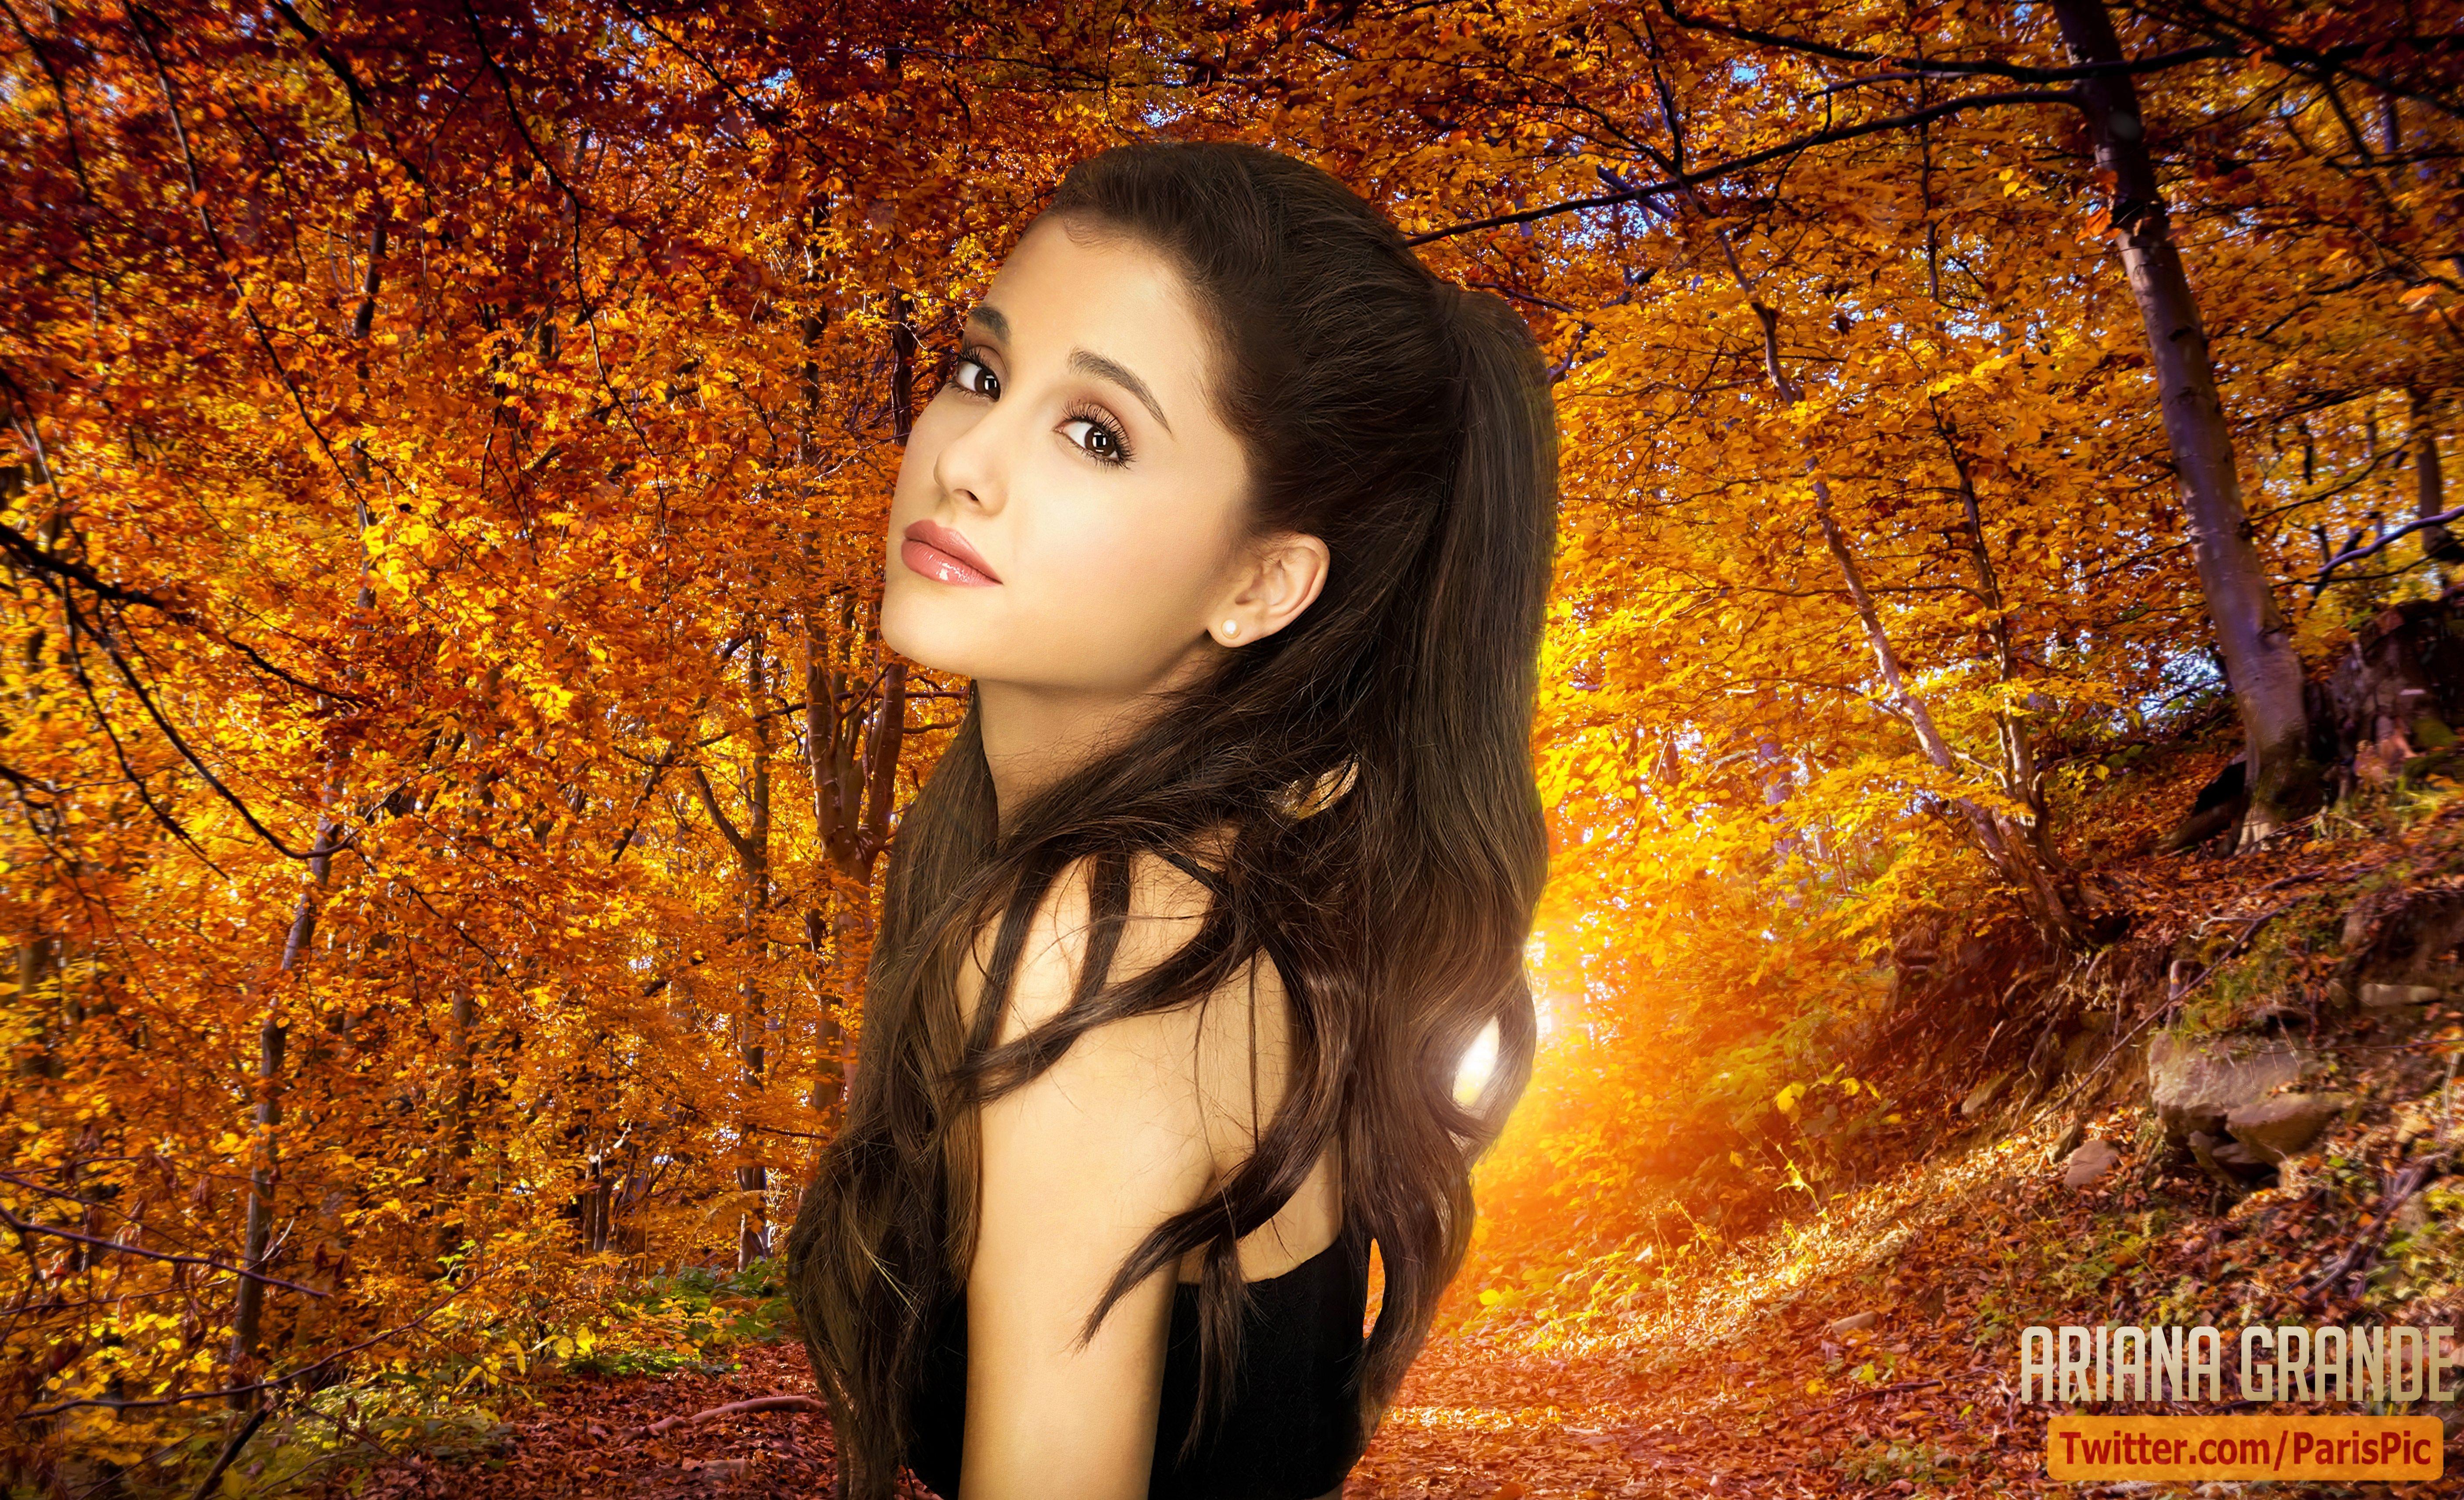 Ariana Grande 2015 Age Sexy hình nền (@ParisPic)